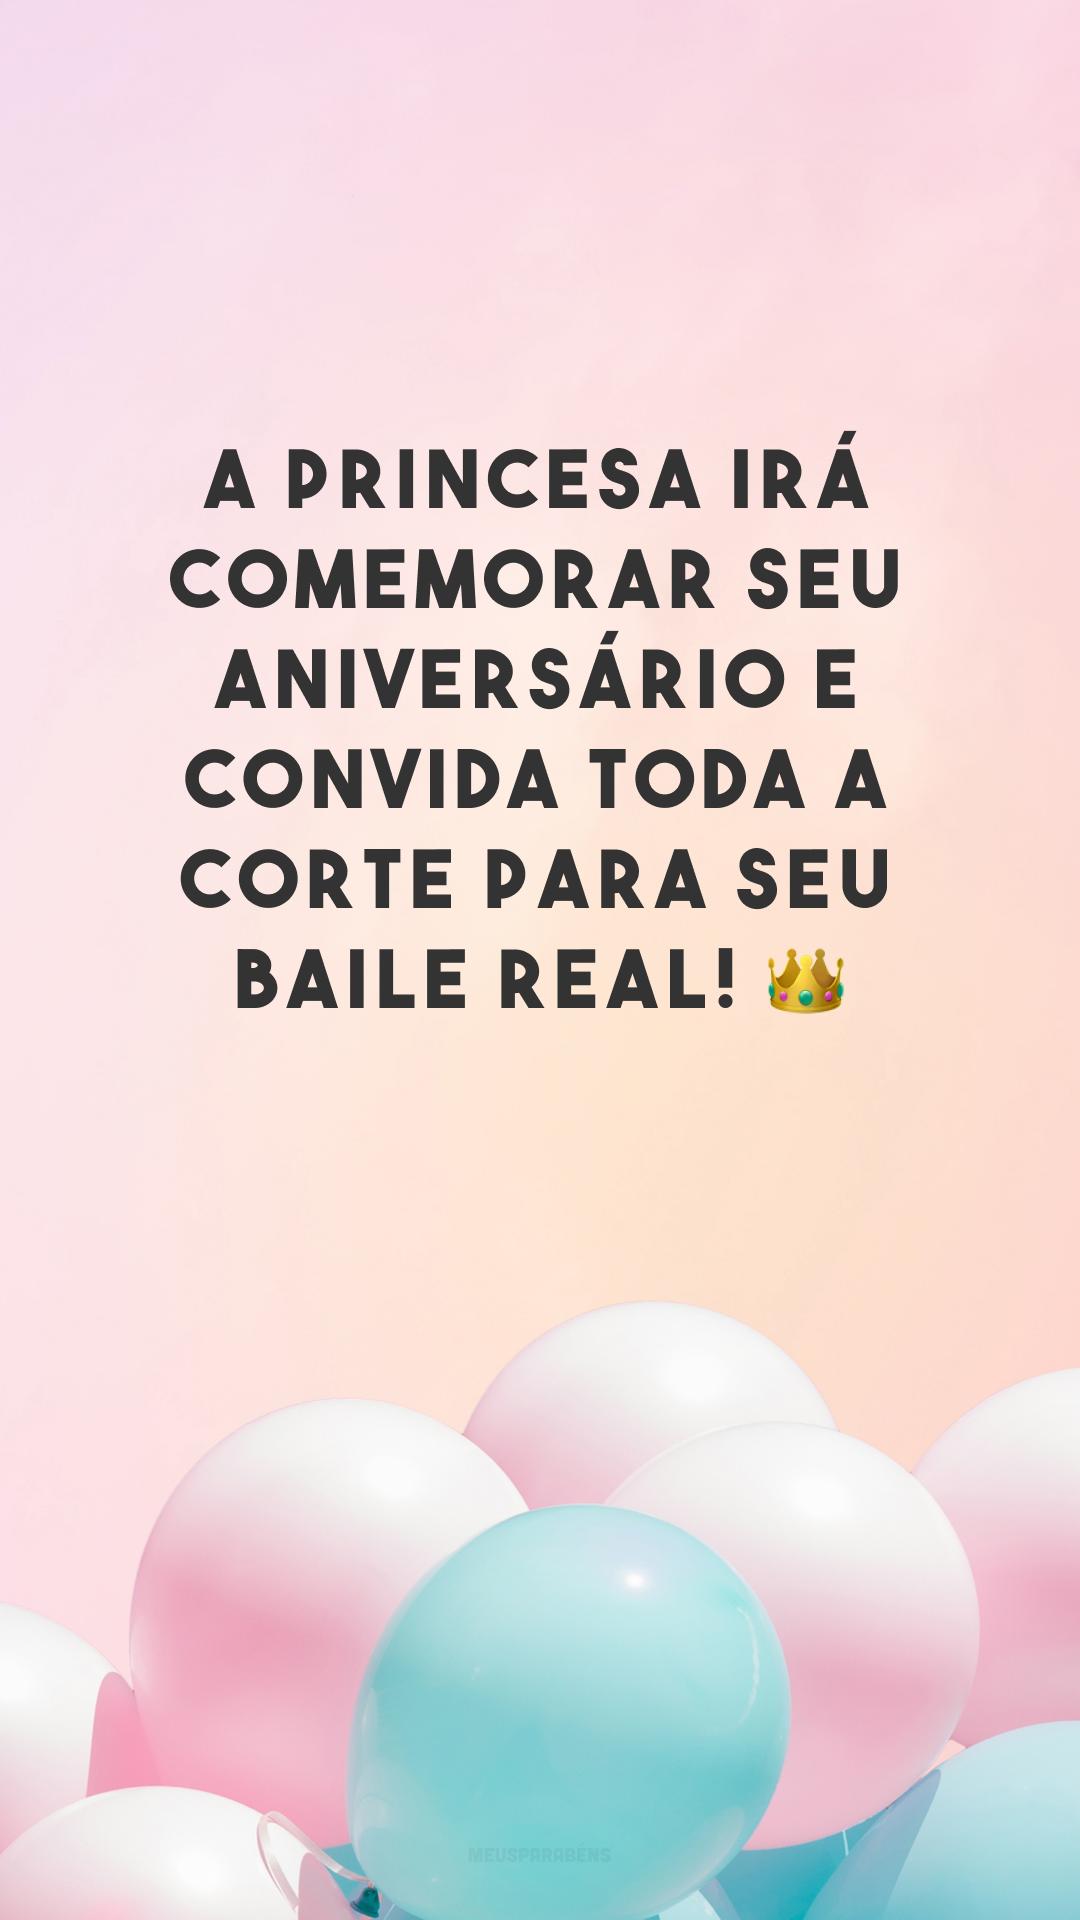 A princesa irá comemorar seu aniversário e convida toda a corte para seu baile real! 👑